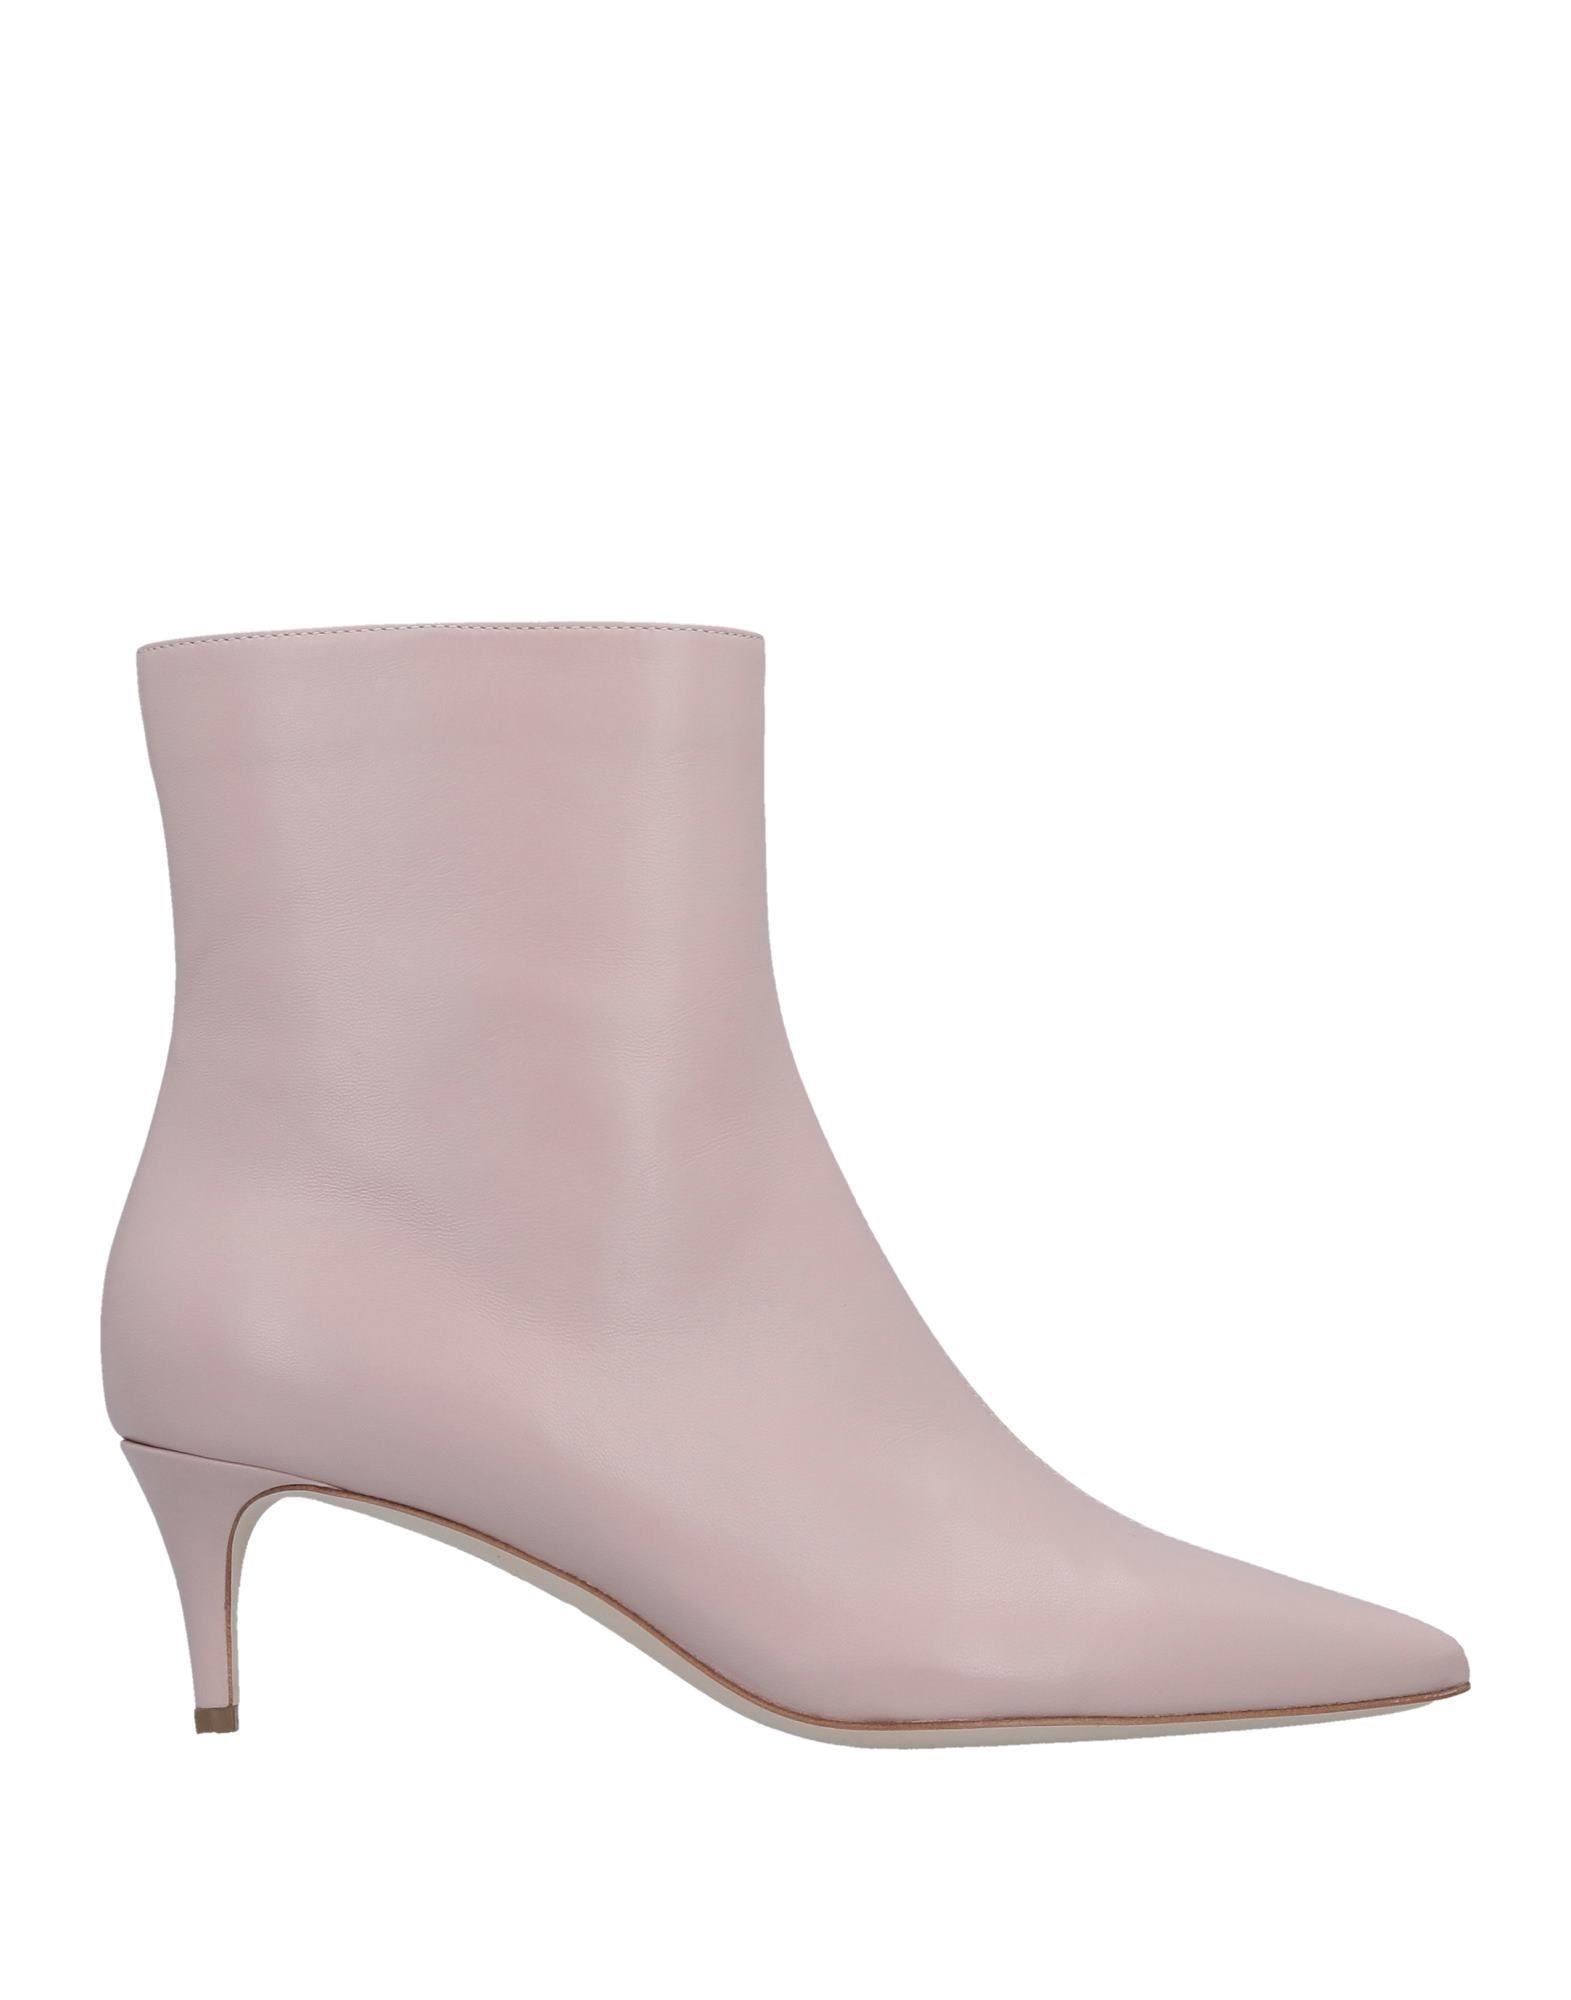 FOOTWEAR Lerre Light pink Woman Leather